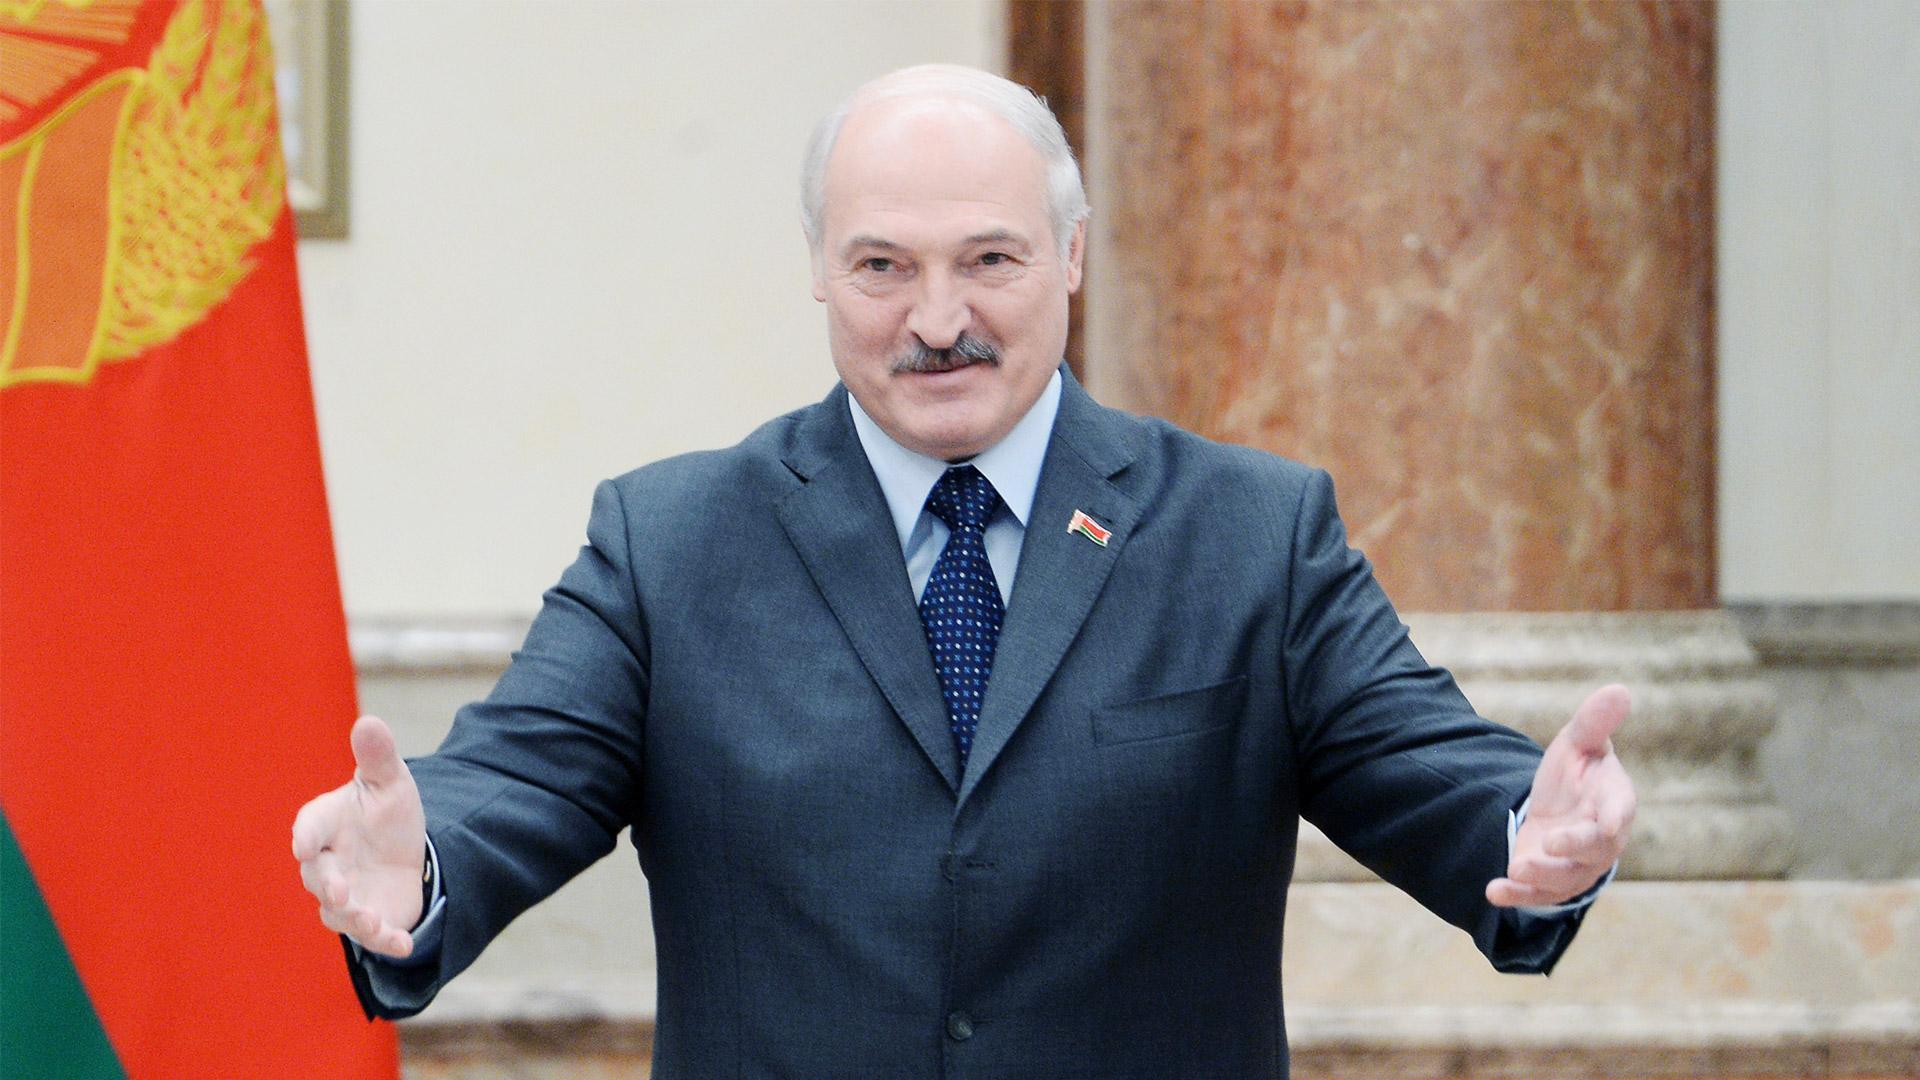 Лукашенко, Беларусь, Скандал, Граница, Таможня, Pussy Riot.